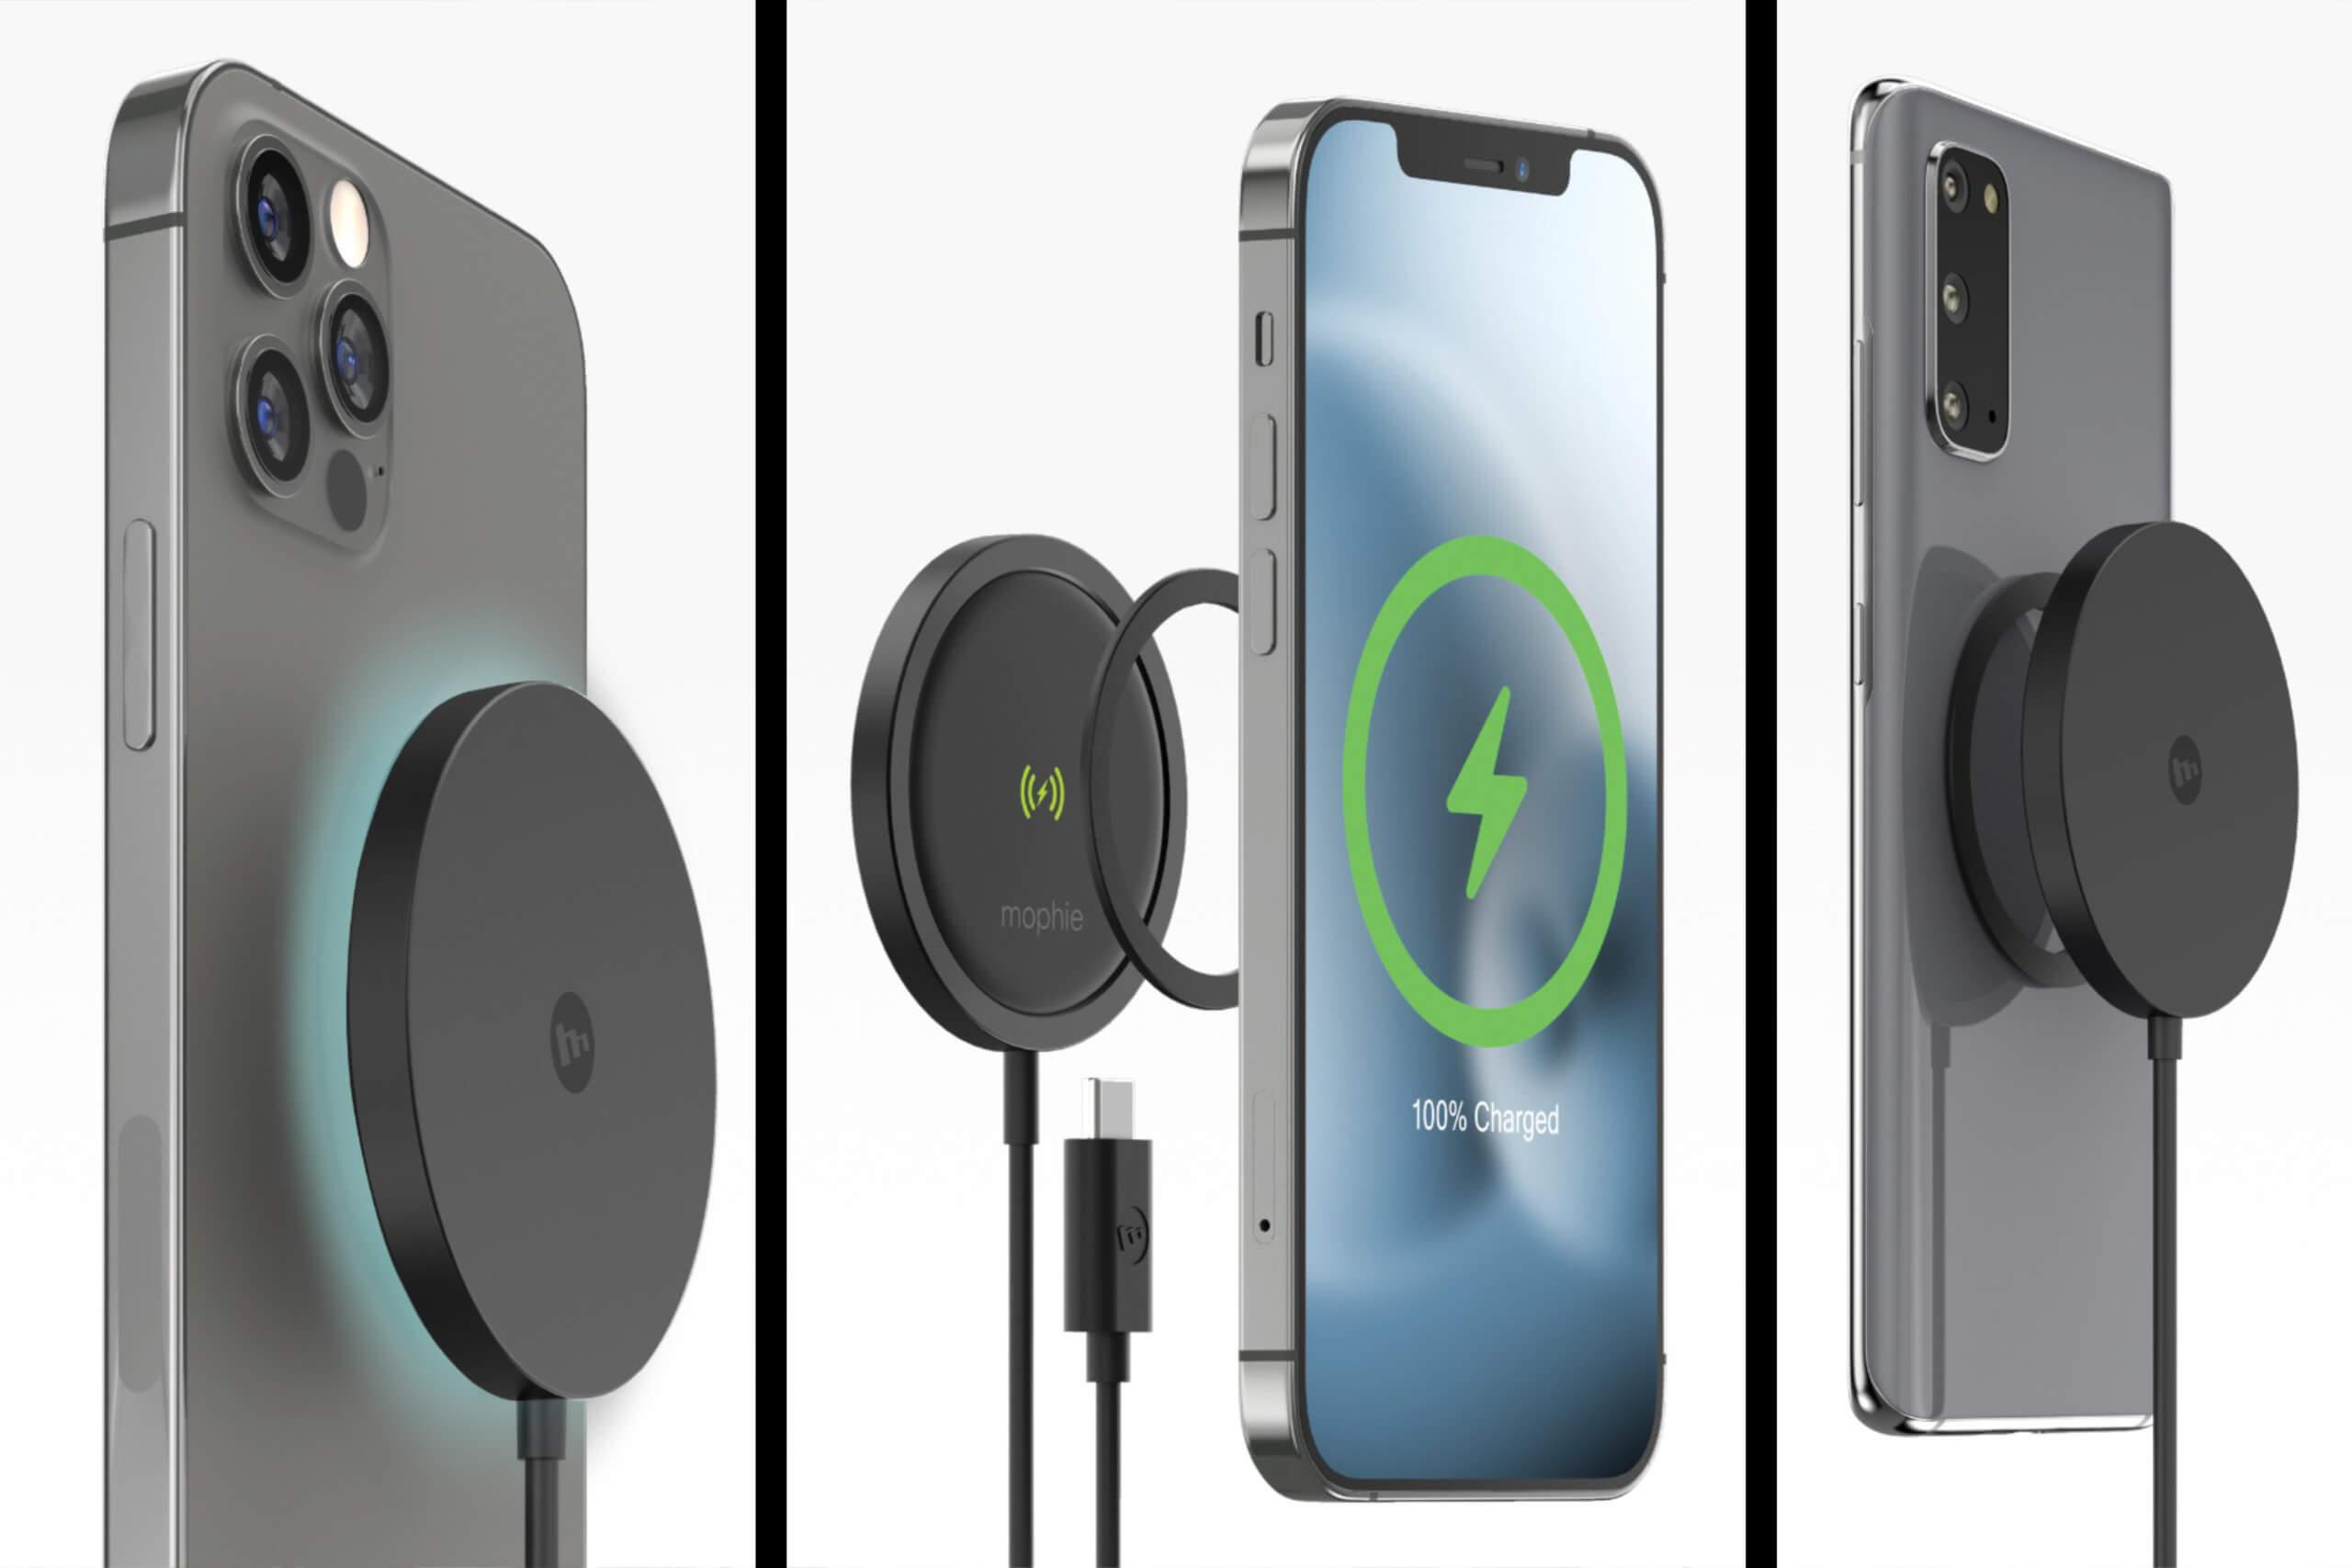 Die Snap+ Ladekabel lassen sich dank der mitgelieferten Magneten an sämtlichen Smartphones befestigen.